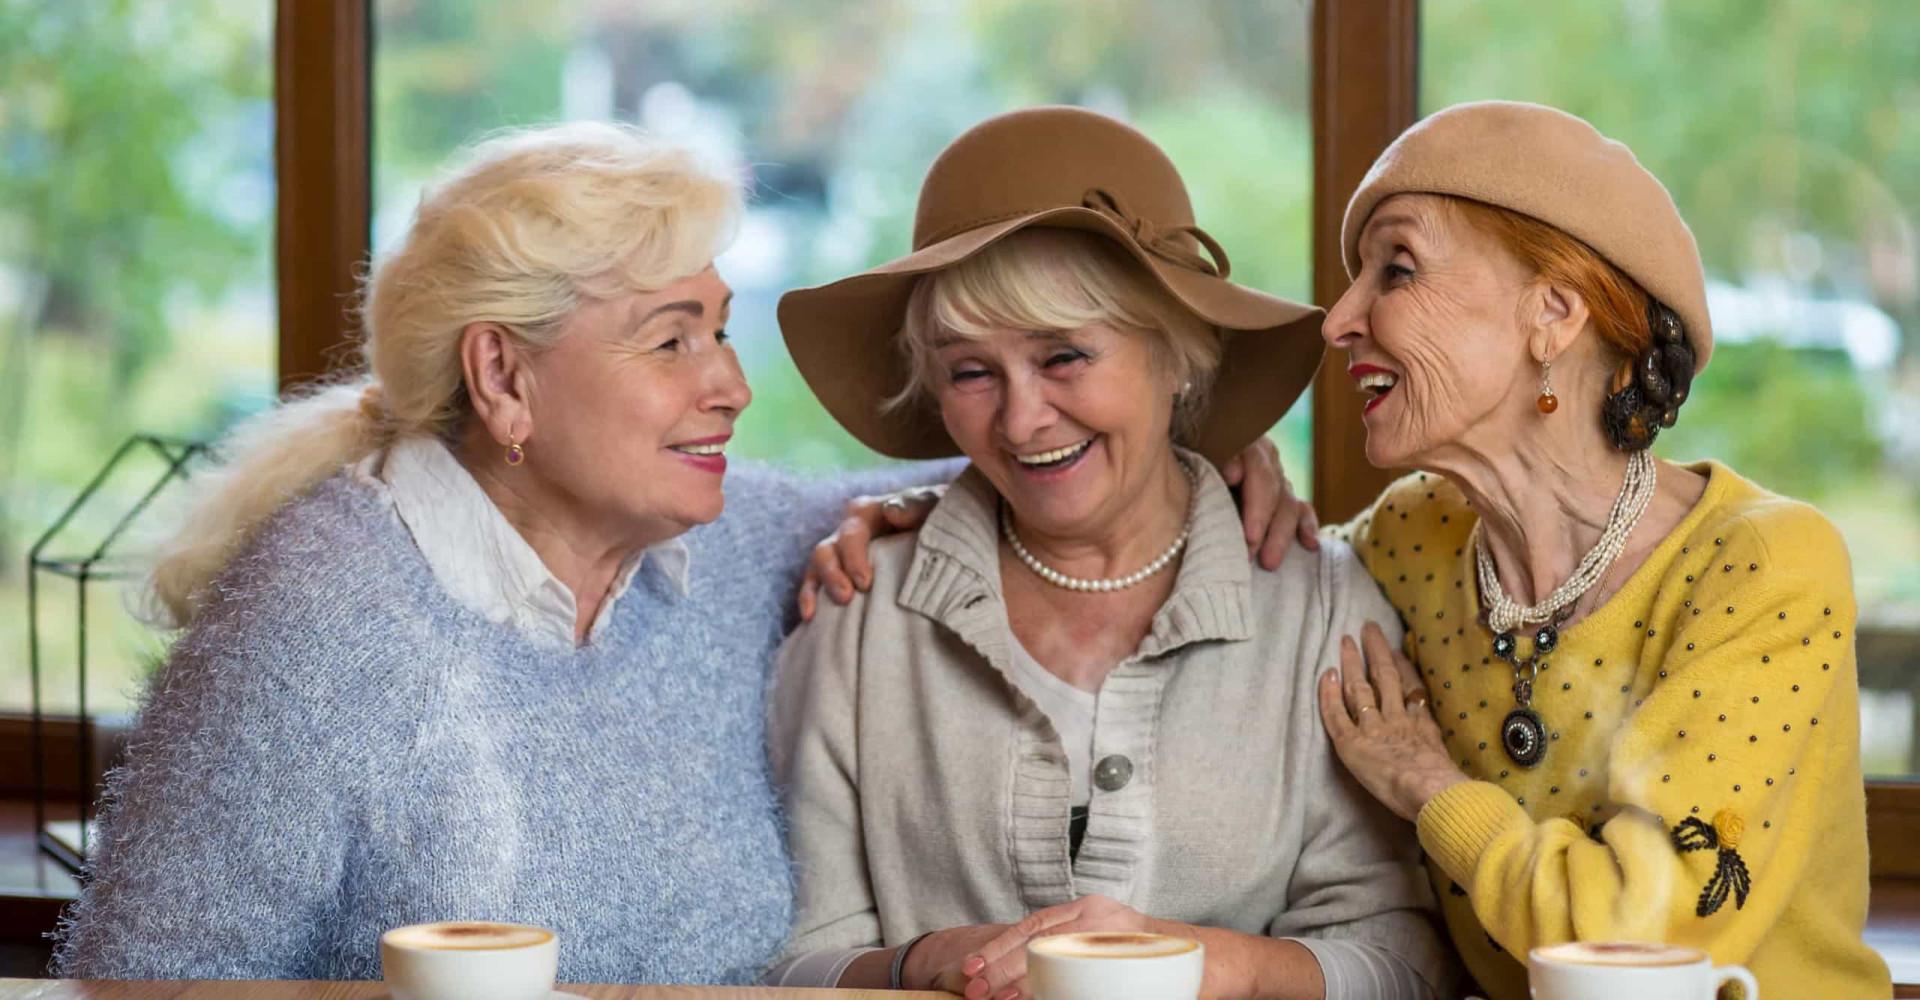 Zo kun je een levenslange vriendschap onderhouden